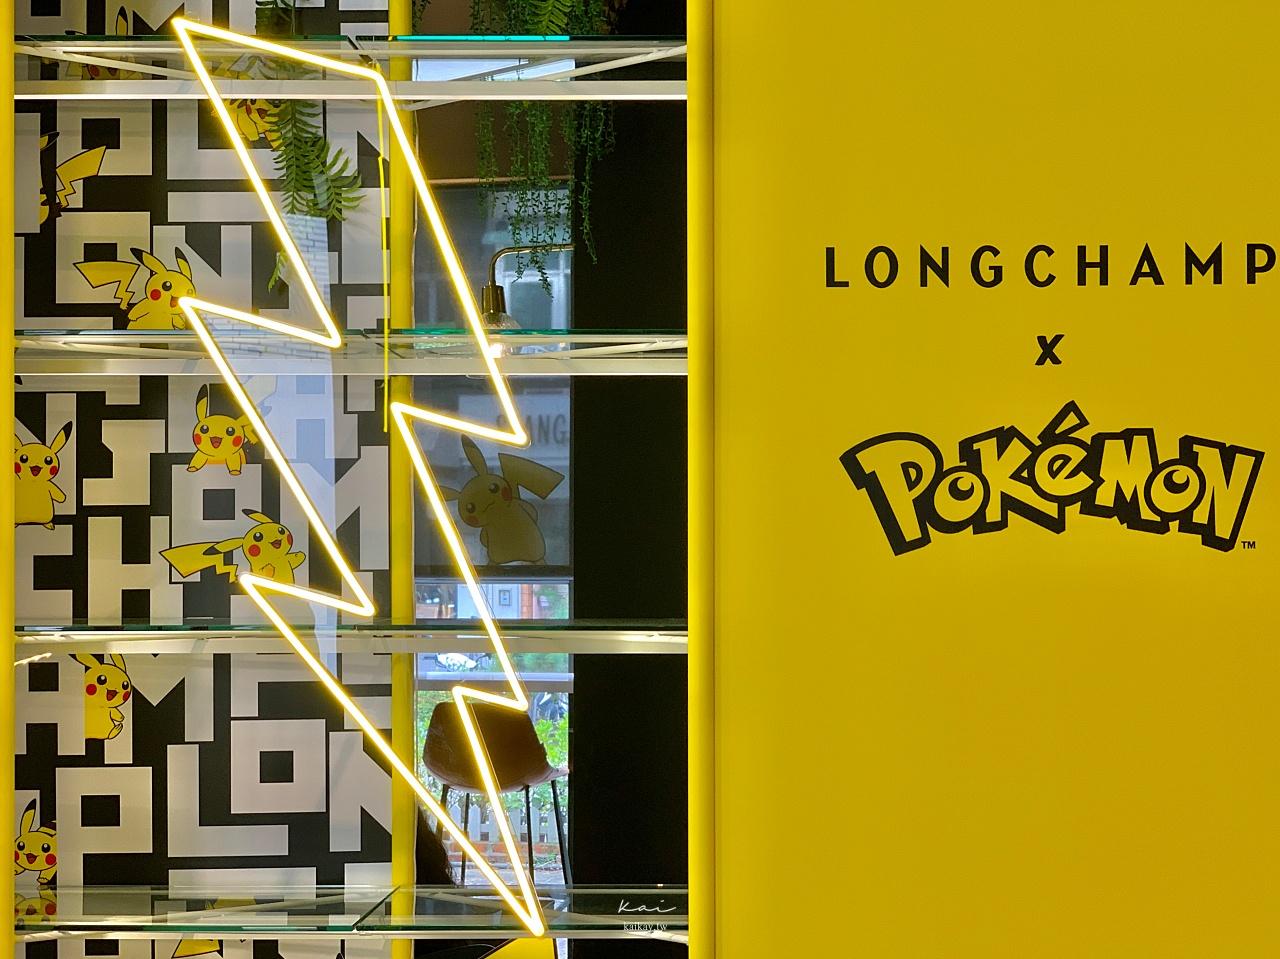 ☆【台北/中山站】寶可夢又來搶錢了!Longchamp X Pokémon快閃店犯規登場!